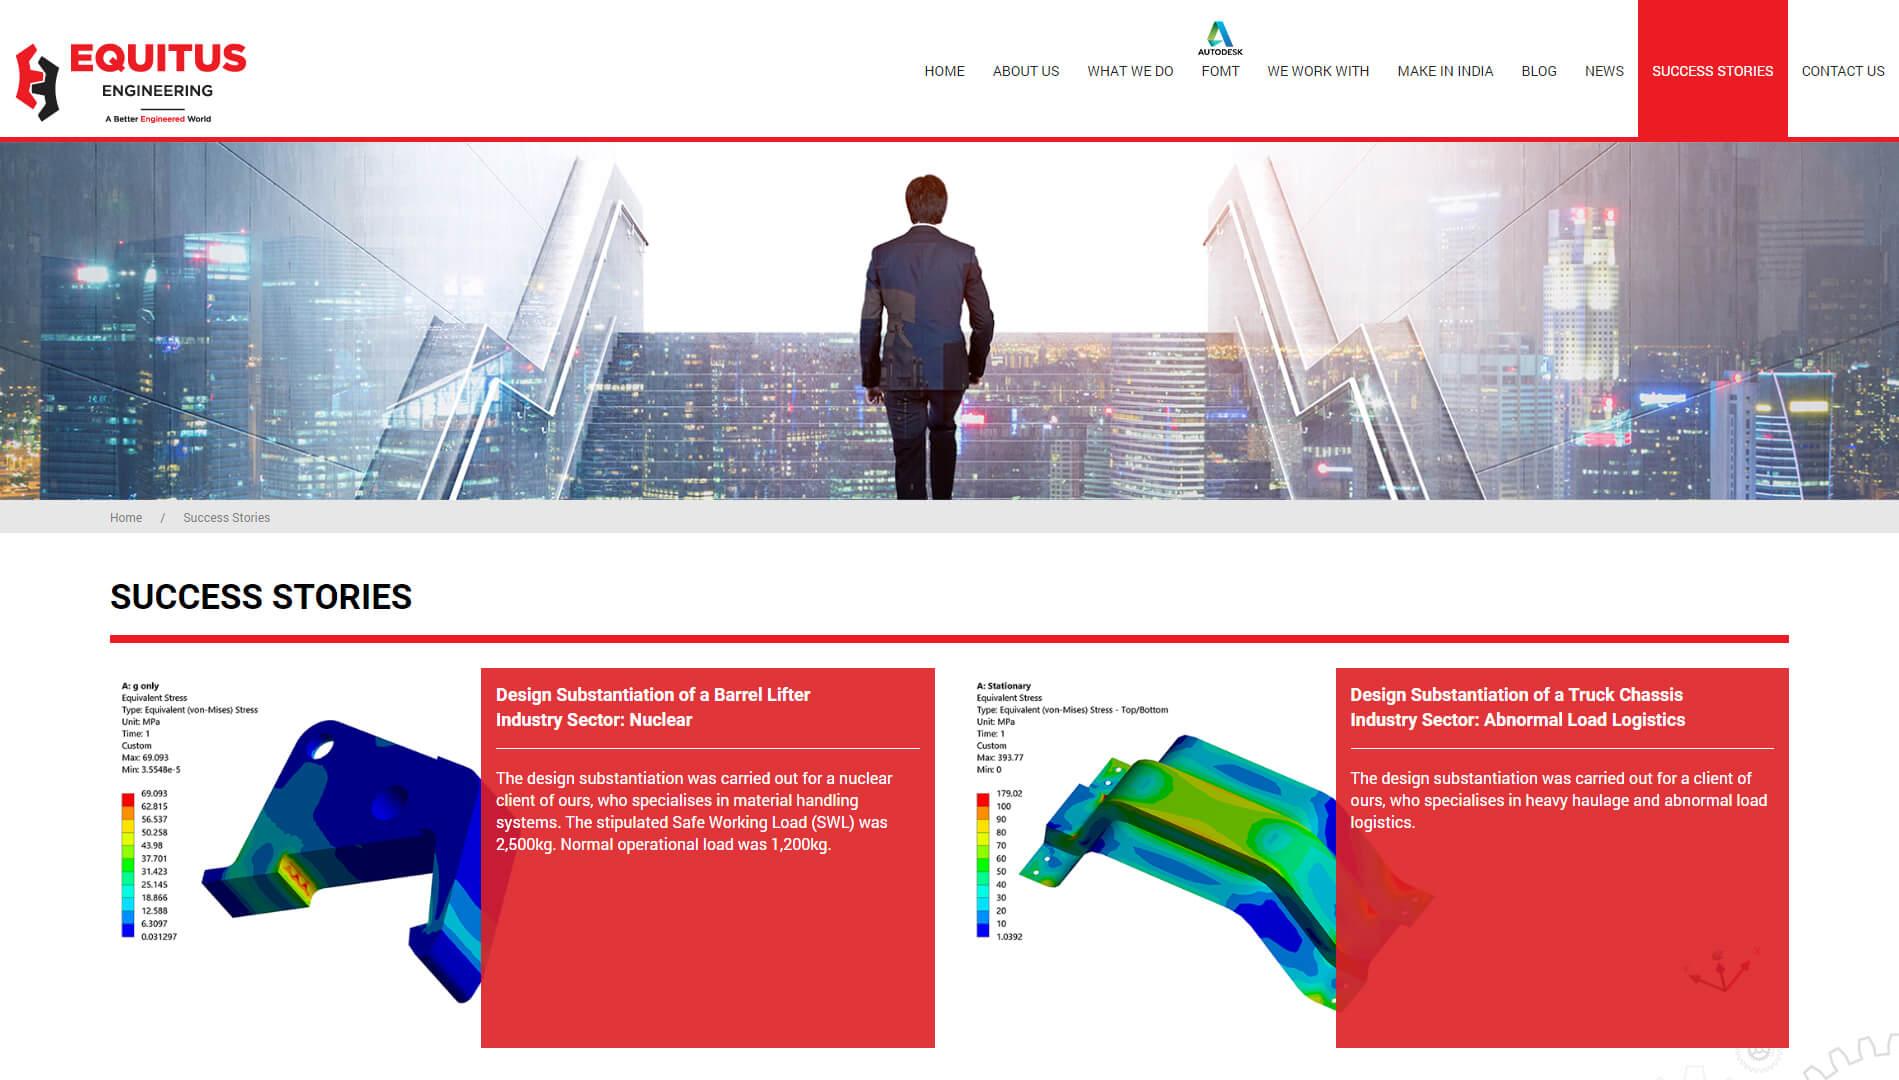 equitus engineering success stories design 2018